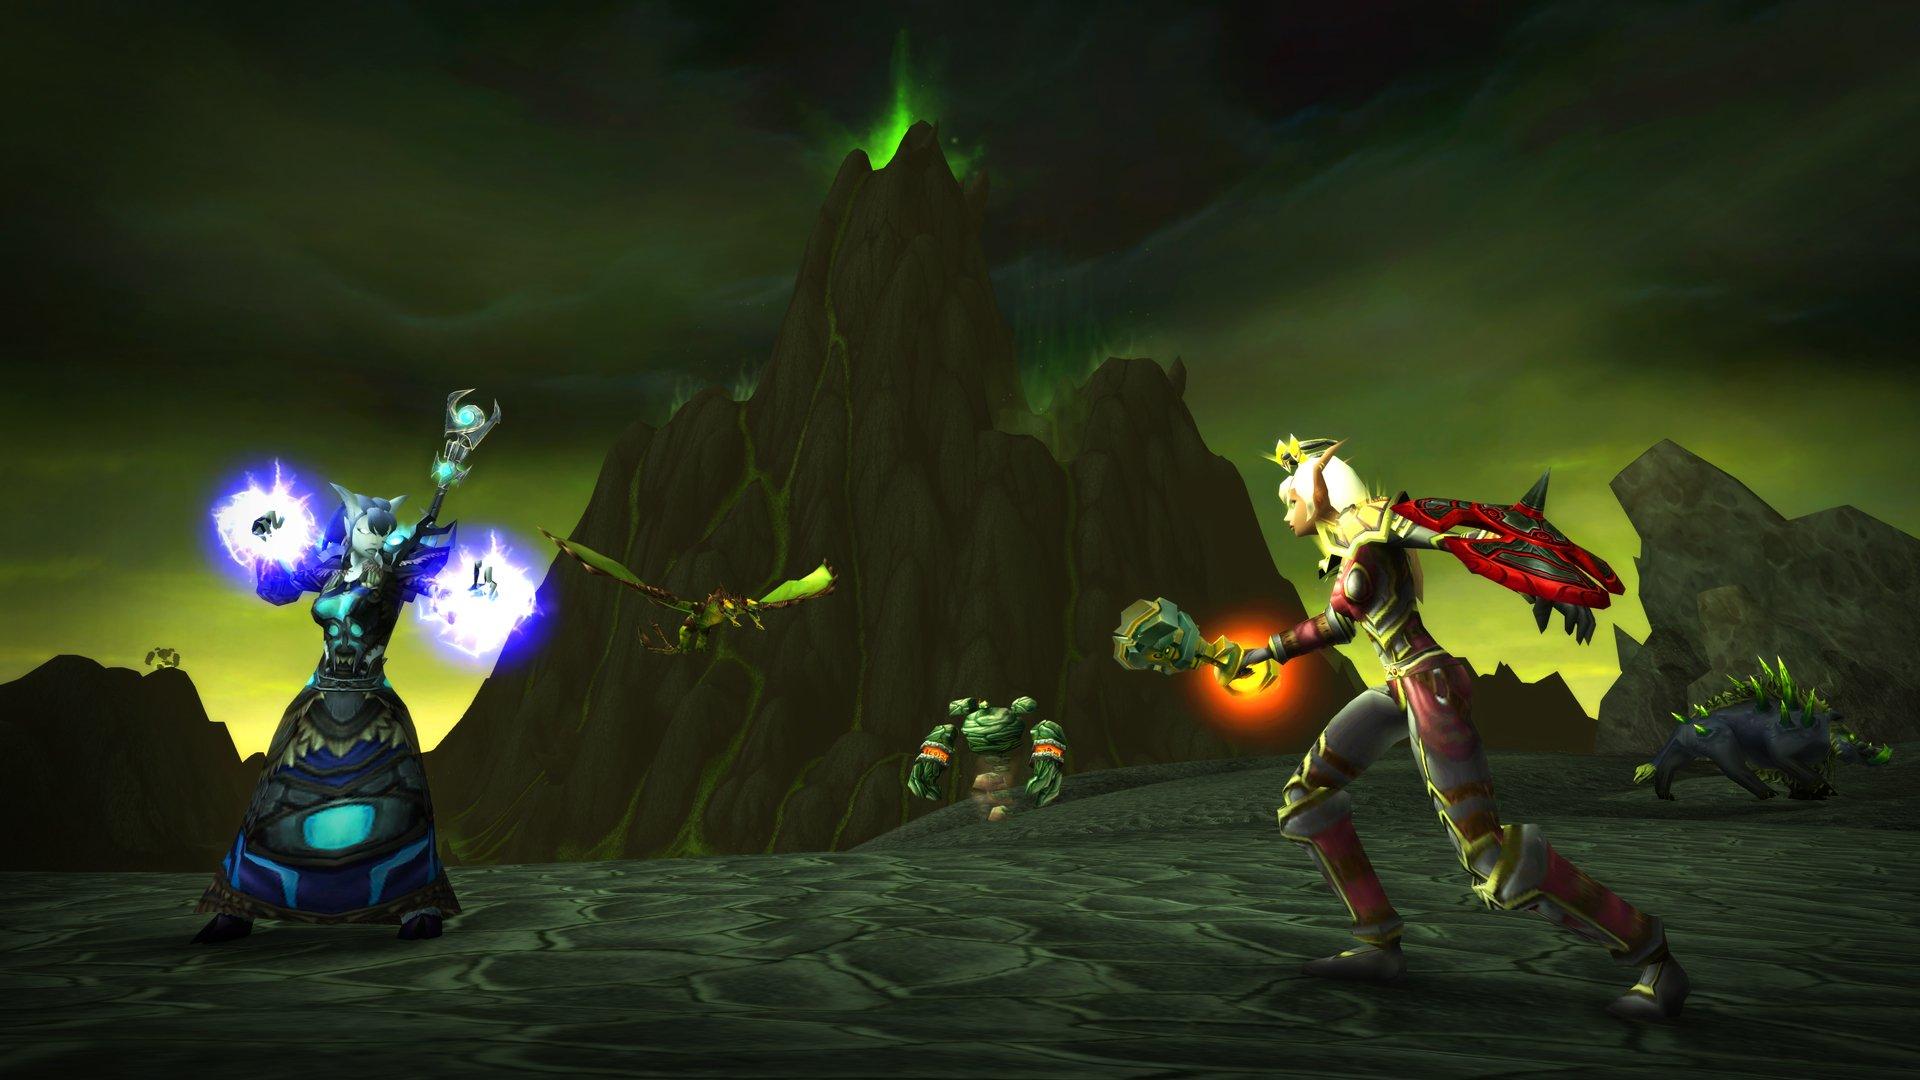 Утечка: детали WoW: The Burning Crusade и обновления для Shadowlands 1